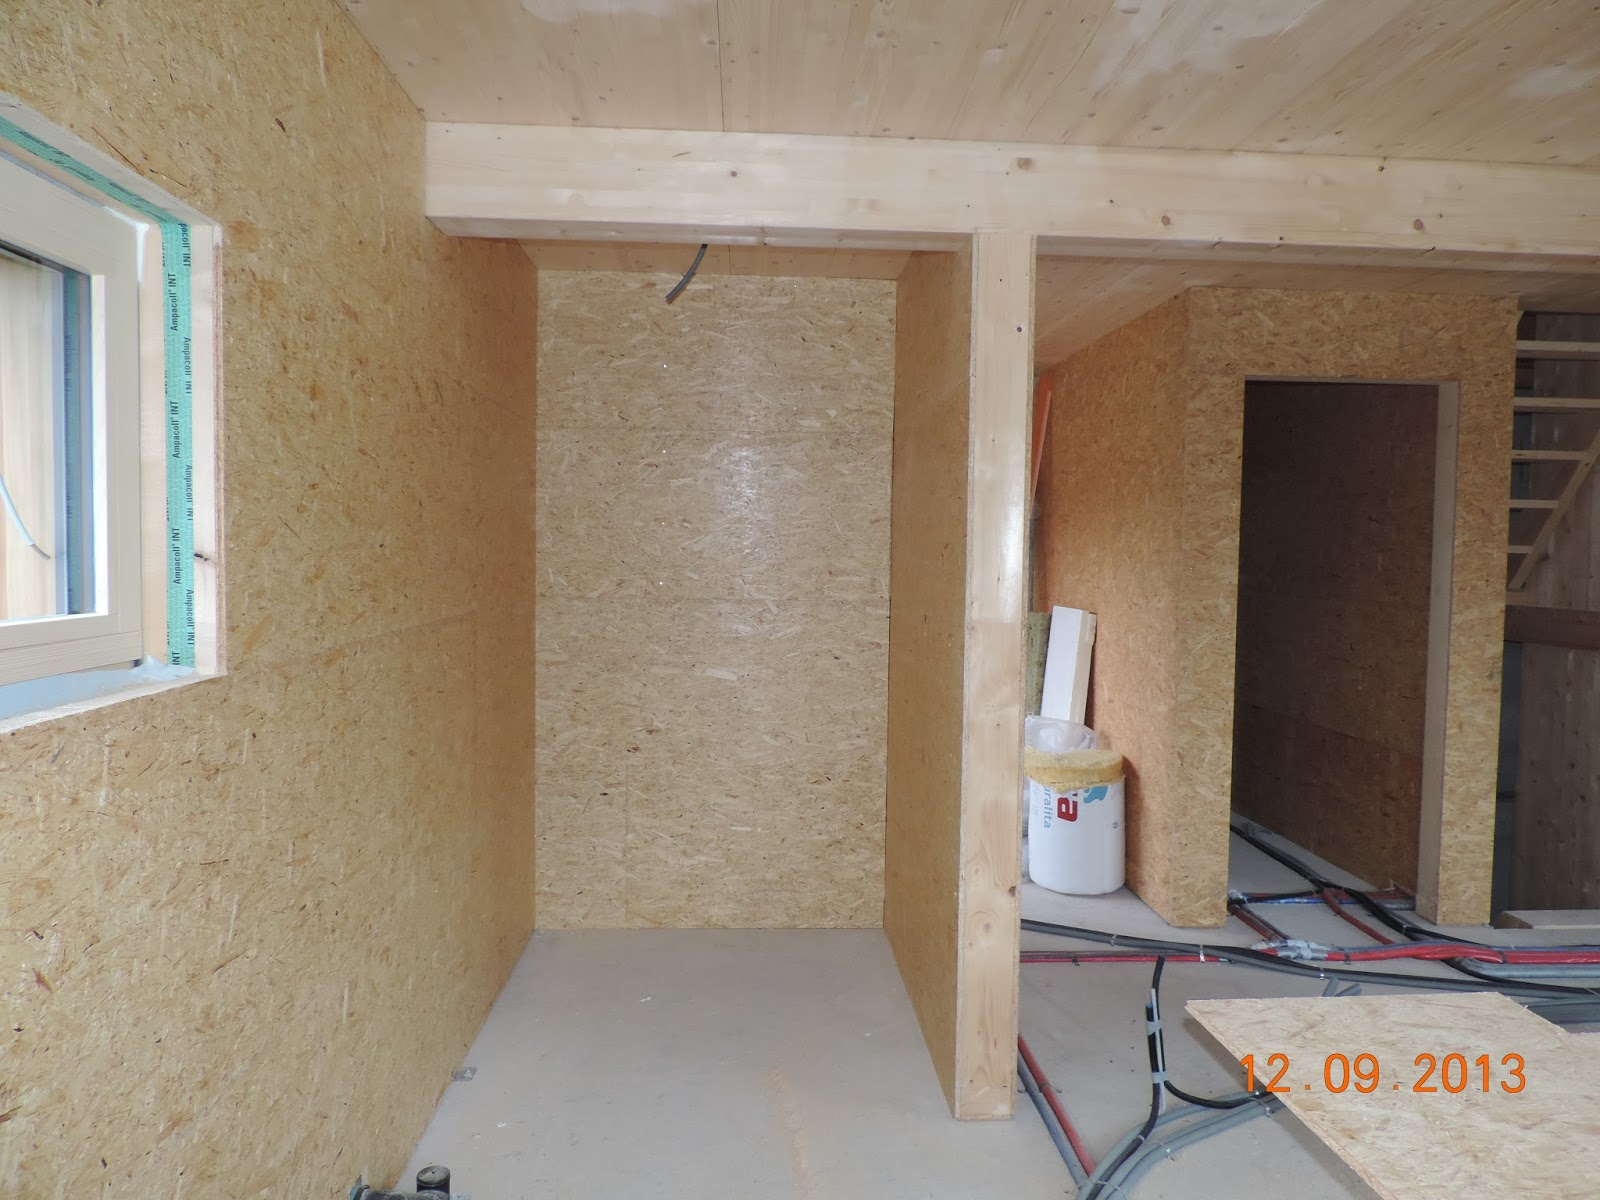 hausbau tagebuch von kathrin und kraxi september 2013. Black Bedroom Furniture Sets. Home Design Ideas